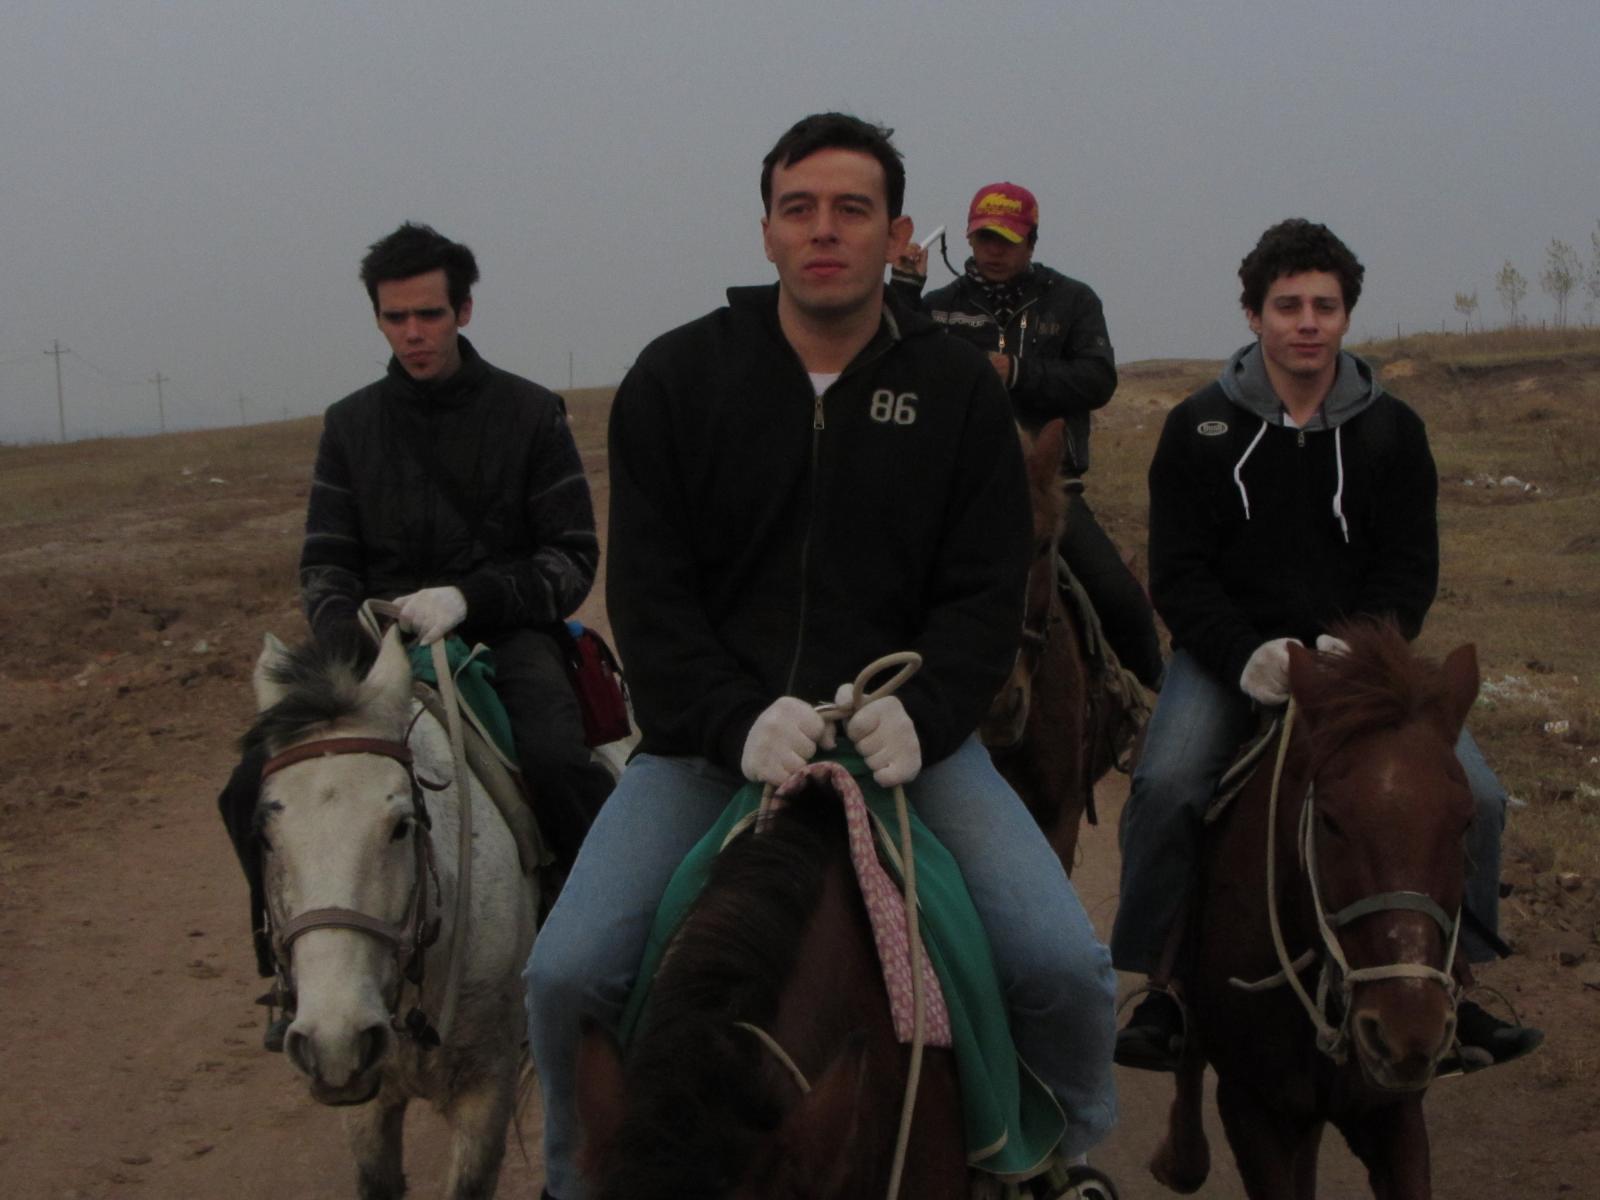 Les 2 chevaux au second plan suivent toujours Papi